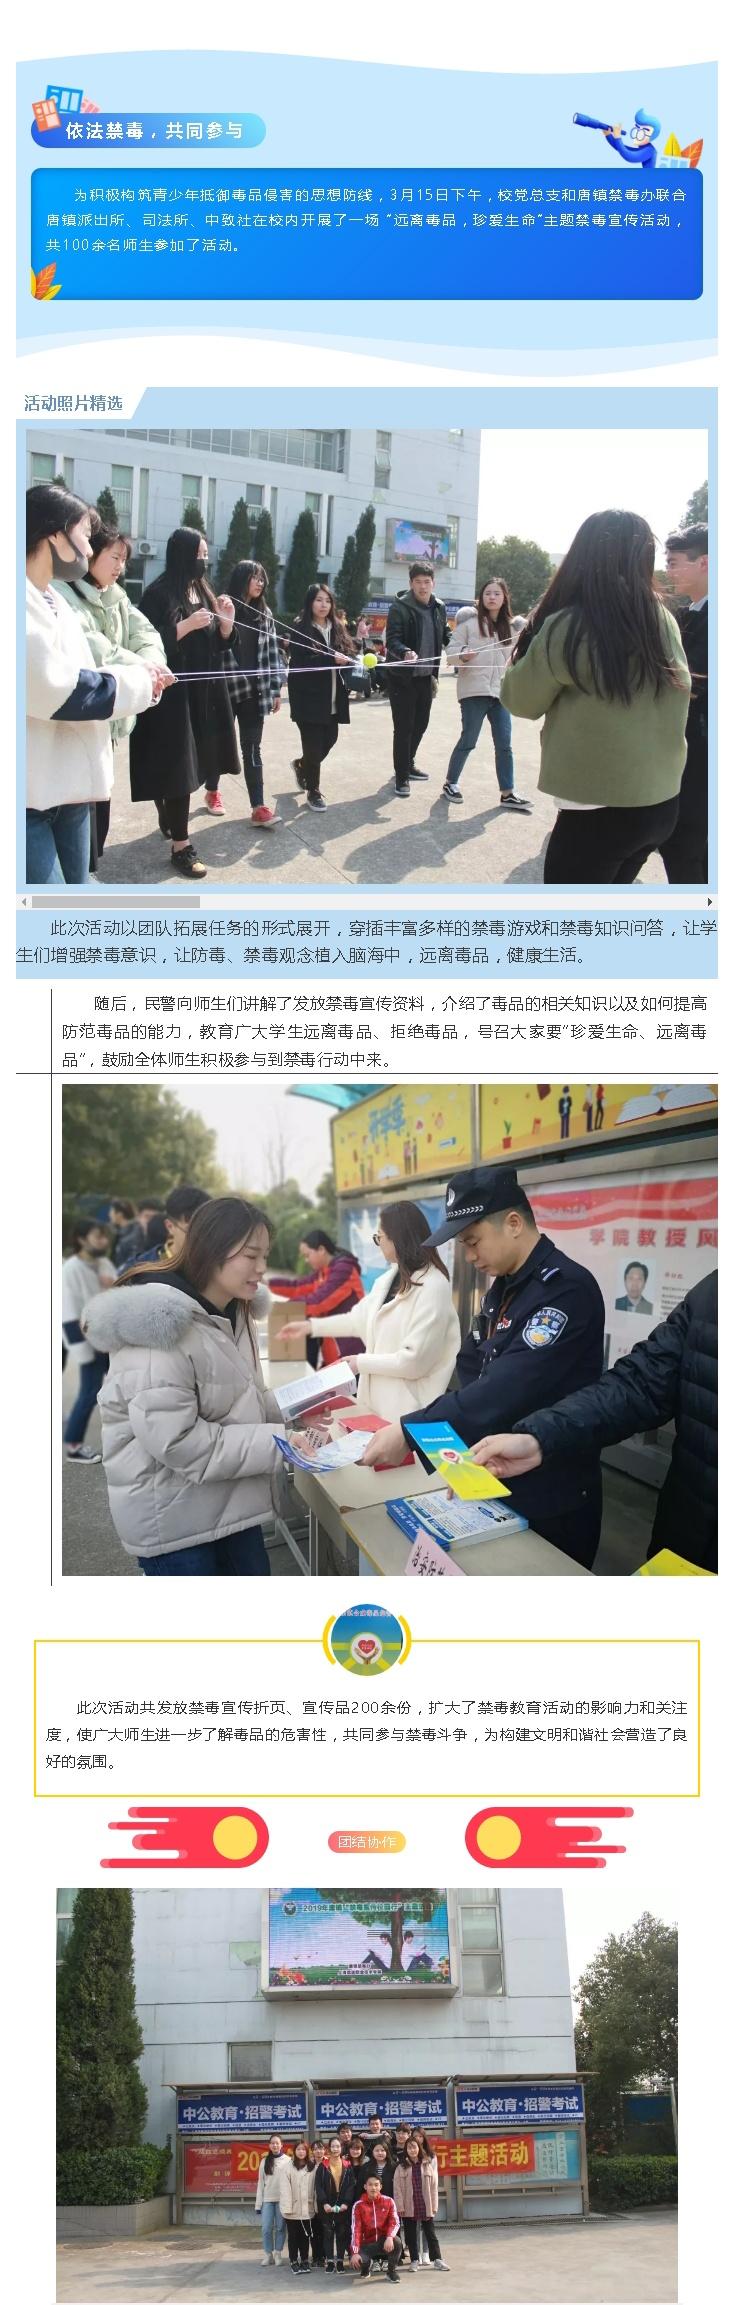 上海民远职业技术学院_看图王.jpg